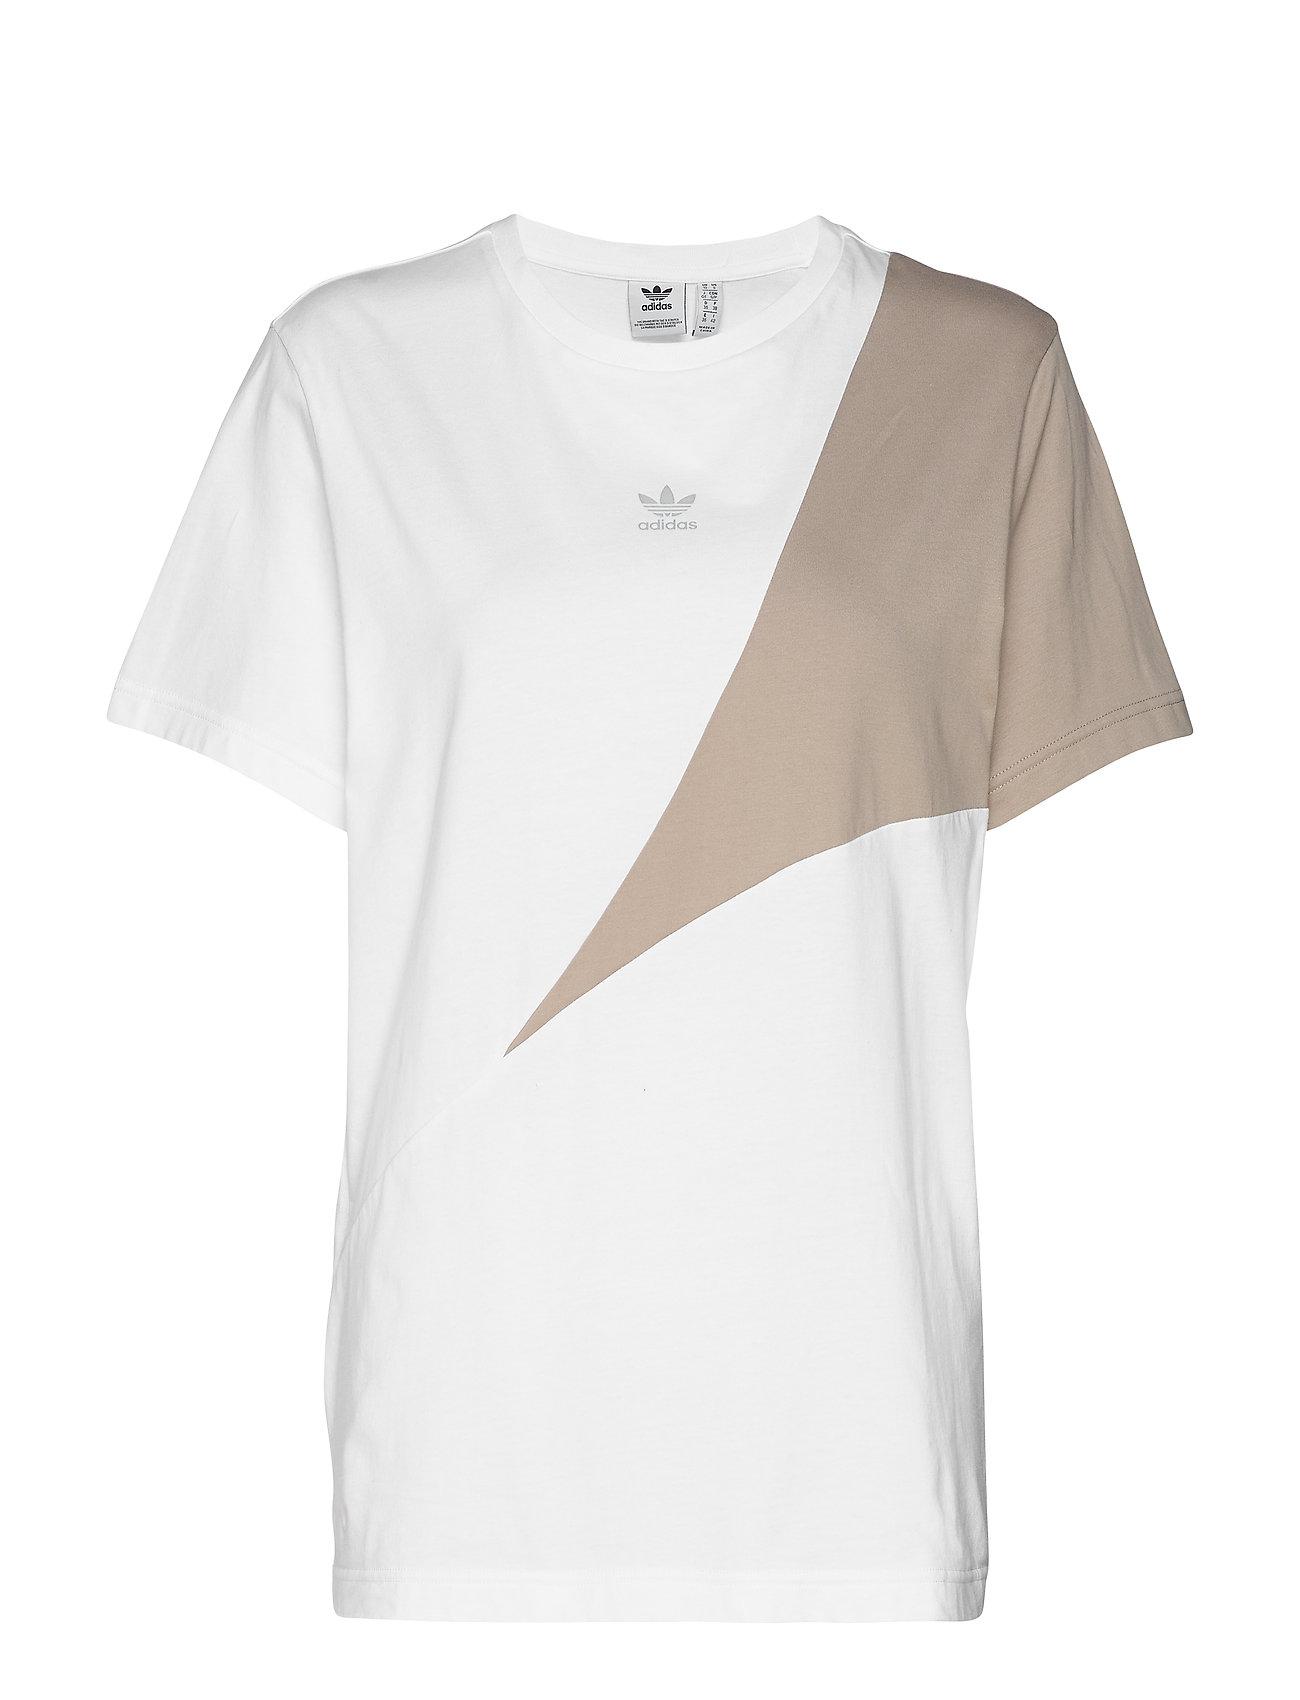 adidas Originals BOYFRIEND TEE - WHITE